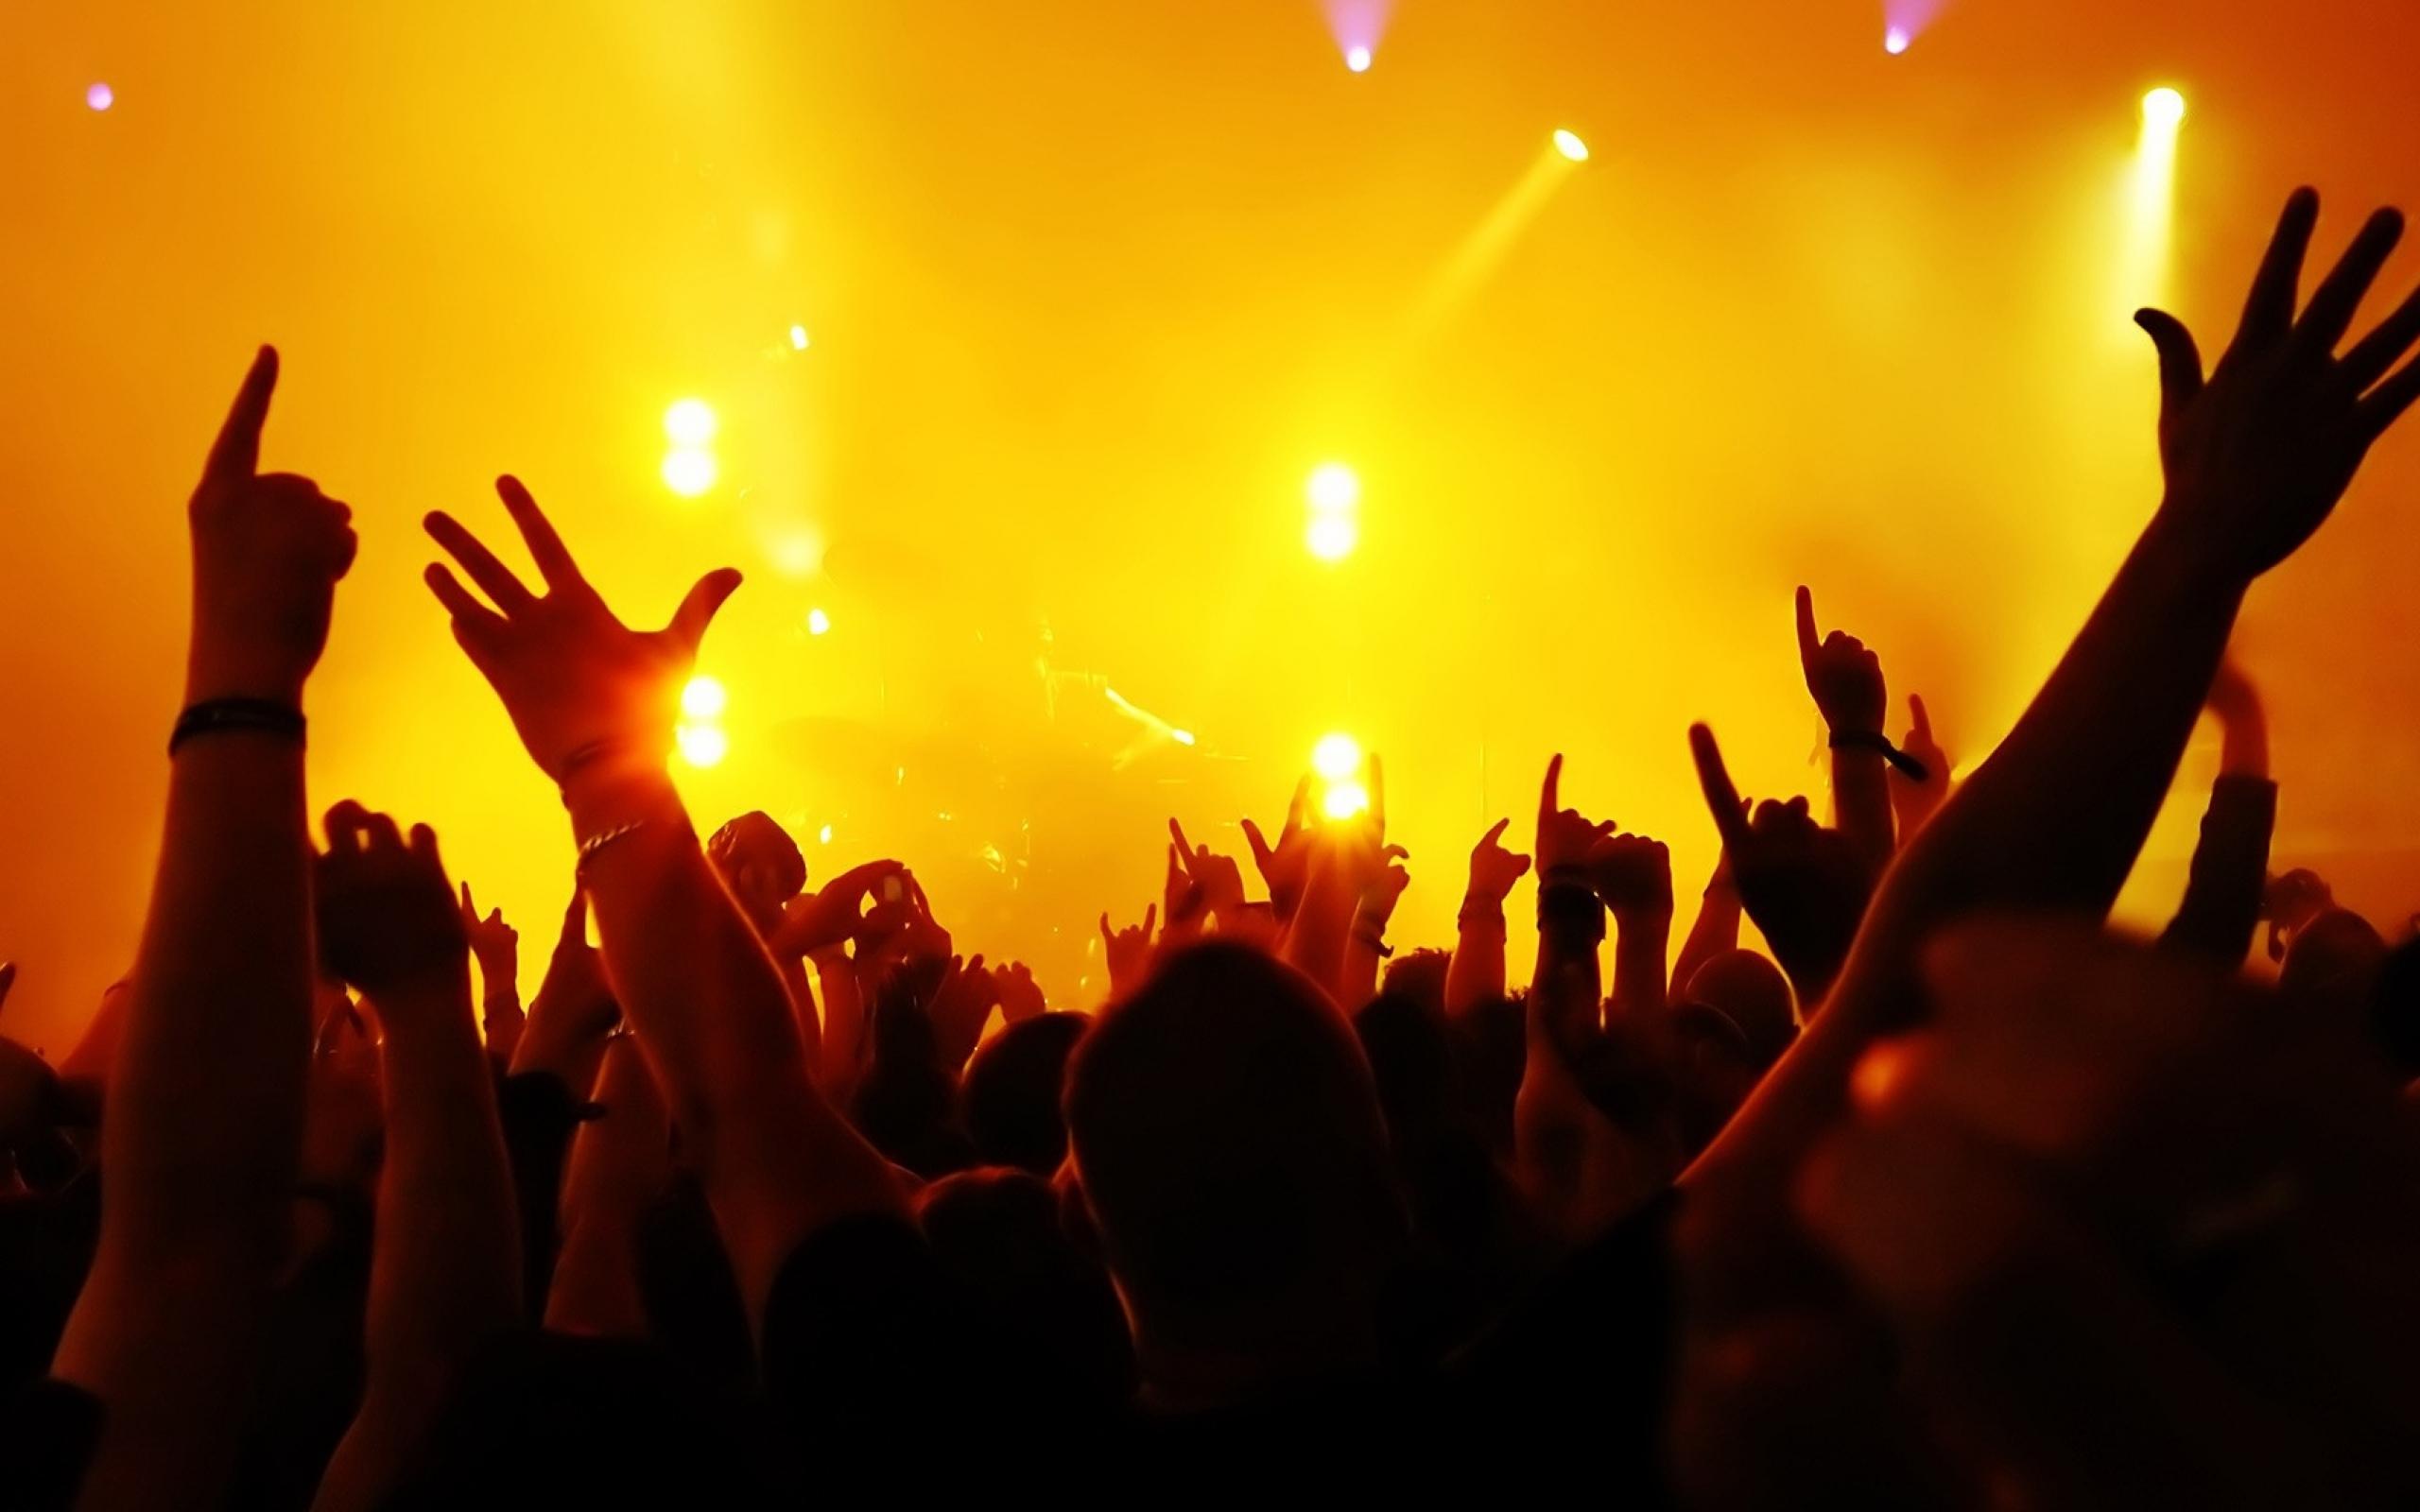 Concert lights hands